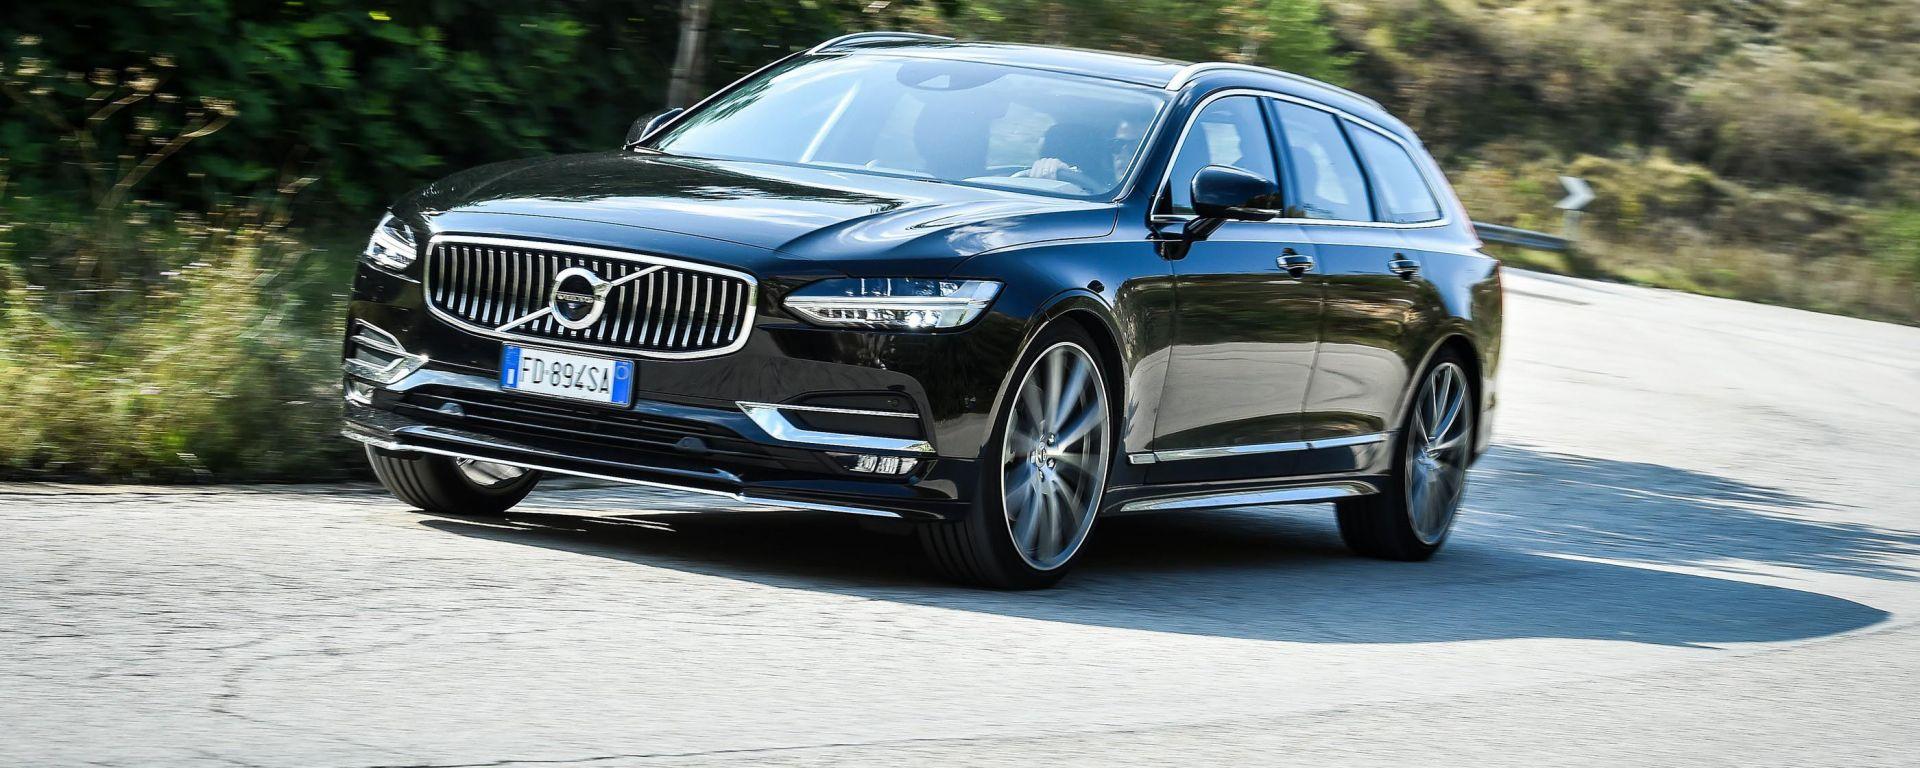 Volvo V90: prova, dotazioni, prezzi. Guarda il video